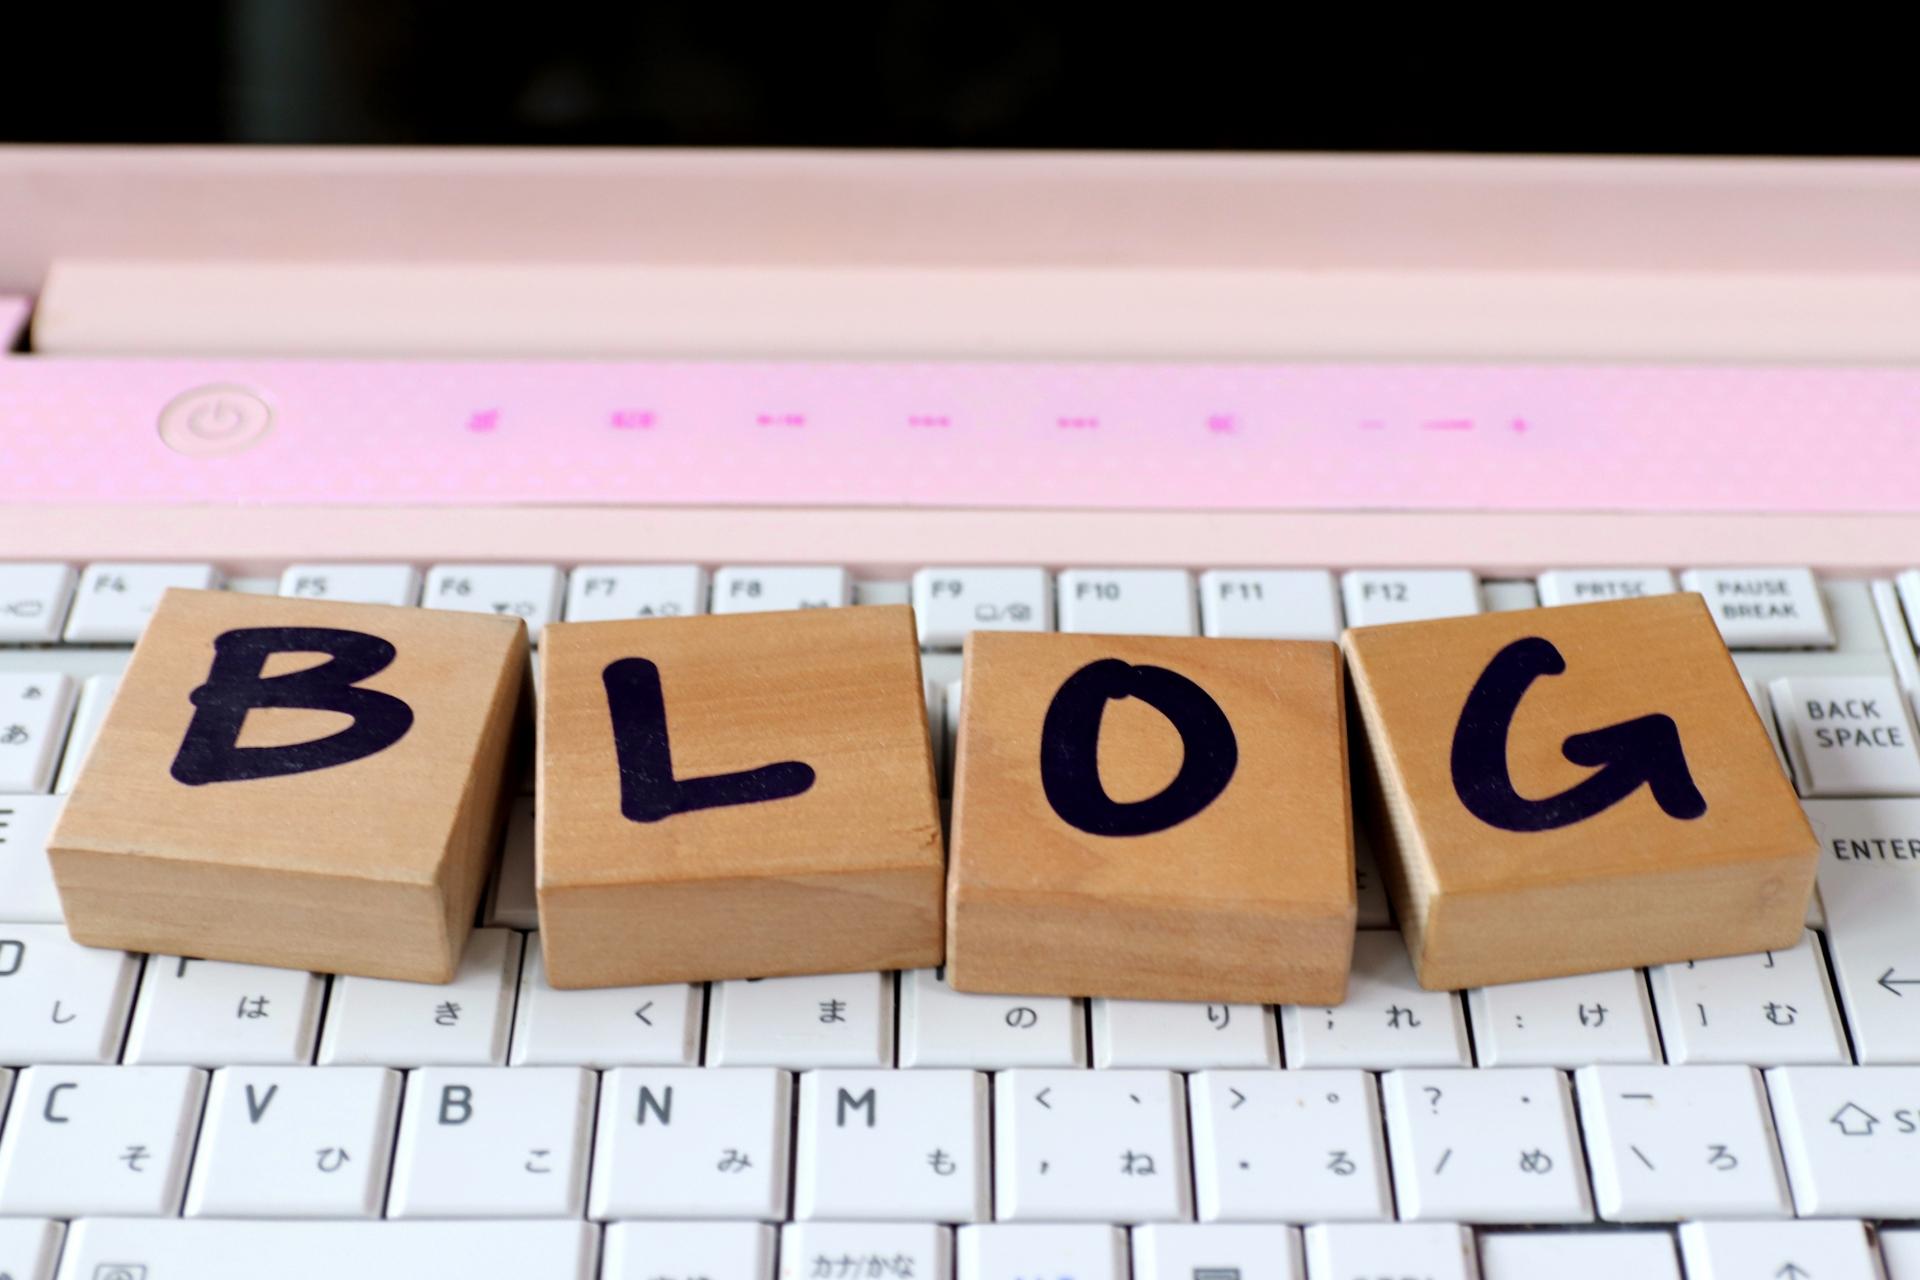 当ブログが月1万PV達成しました!感謝です!